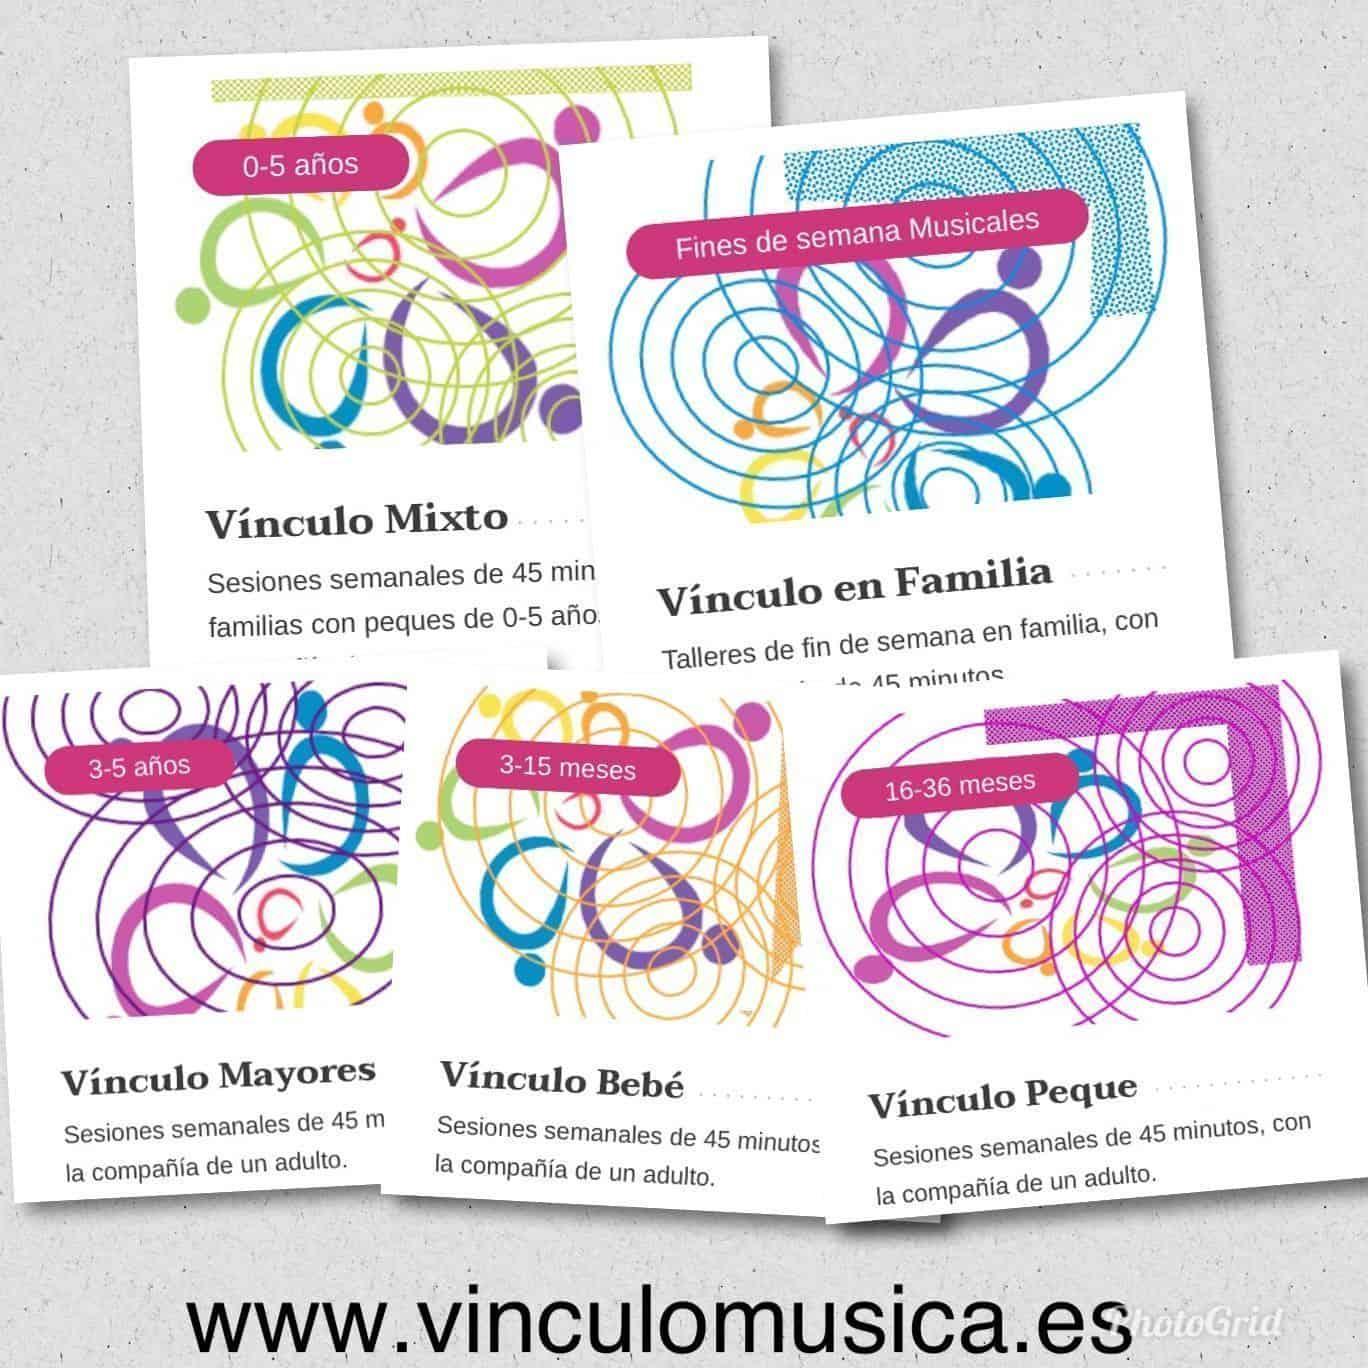 Vínculo Música